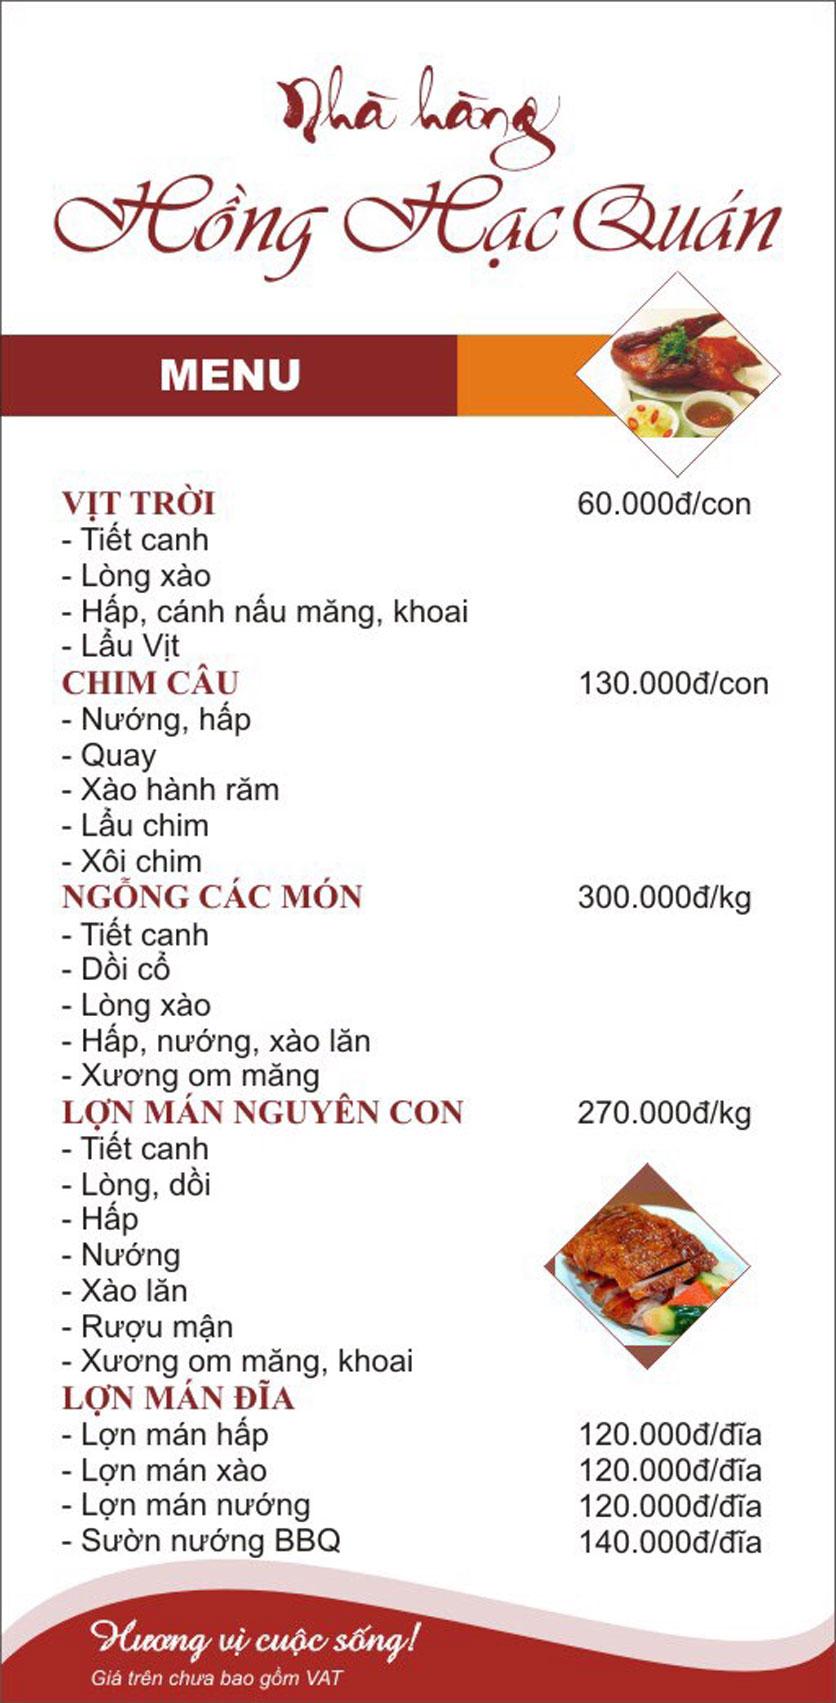 Menu Hồng Hạc - Tây Sơn 5